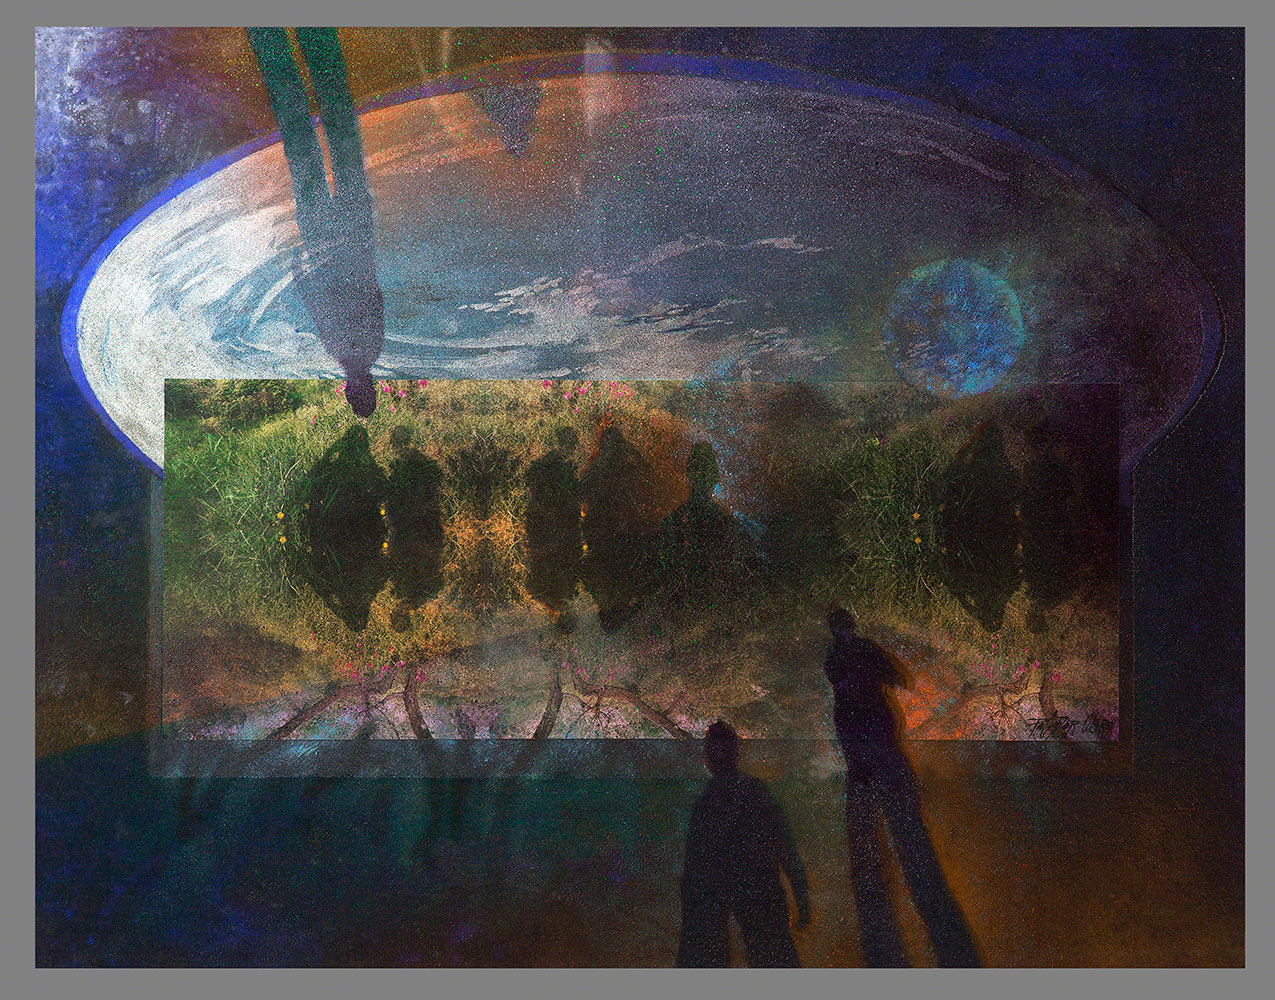 SUEÑO - Collage, pigmentos, arena, Mx/Tb - 46x58 cm - 2002 - Jávea.